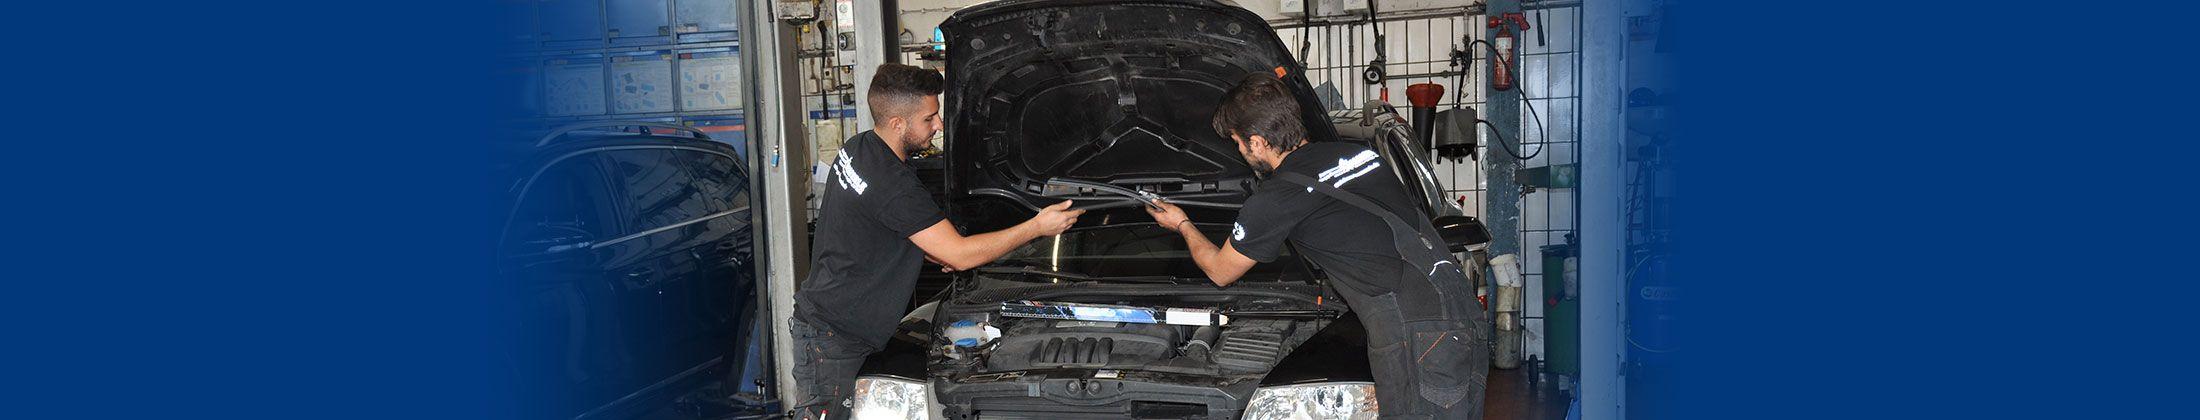 Autowerkstatt Altenriet, Pliezhausen, Reutlingen: Wir reparieren Ihre Klimaanlage